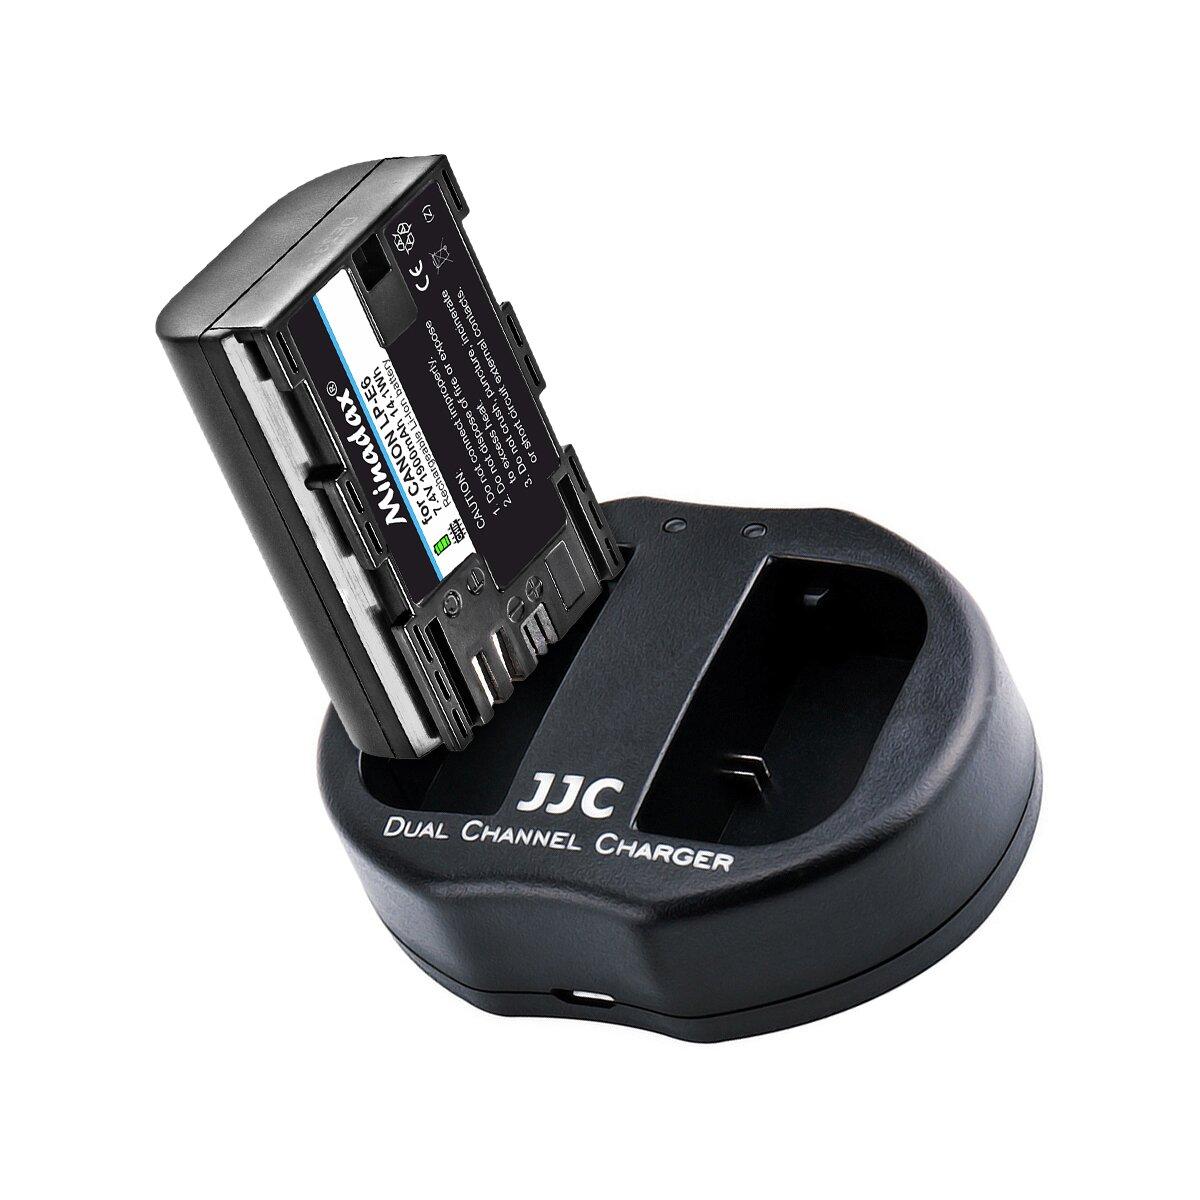 JJC Ladegerät inkl. 1x LP-E6 1900mAh Nachbauakku, 2 Ladesteckplätzen und USB-Anschlusskabel - egal ob unterwegs, zuhause, im Auto oder im Büro - überall verwendbar